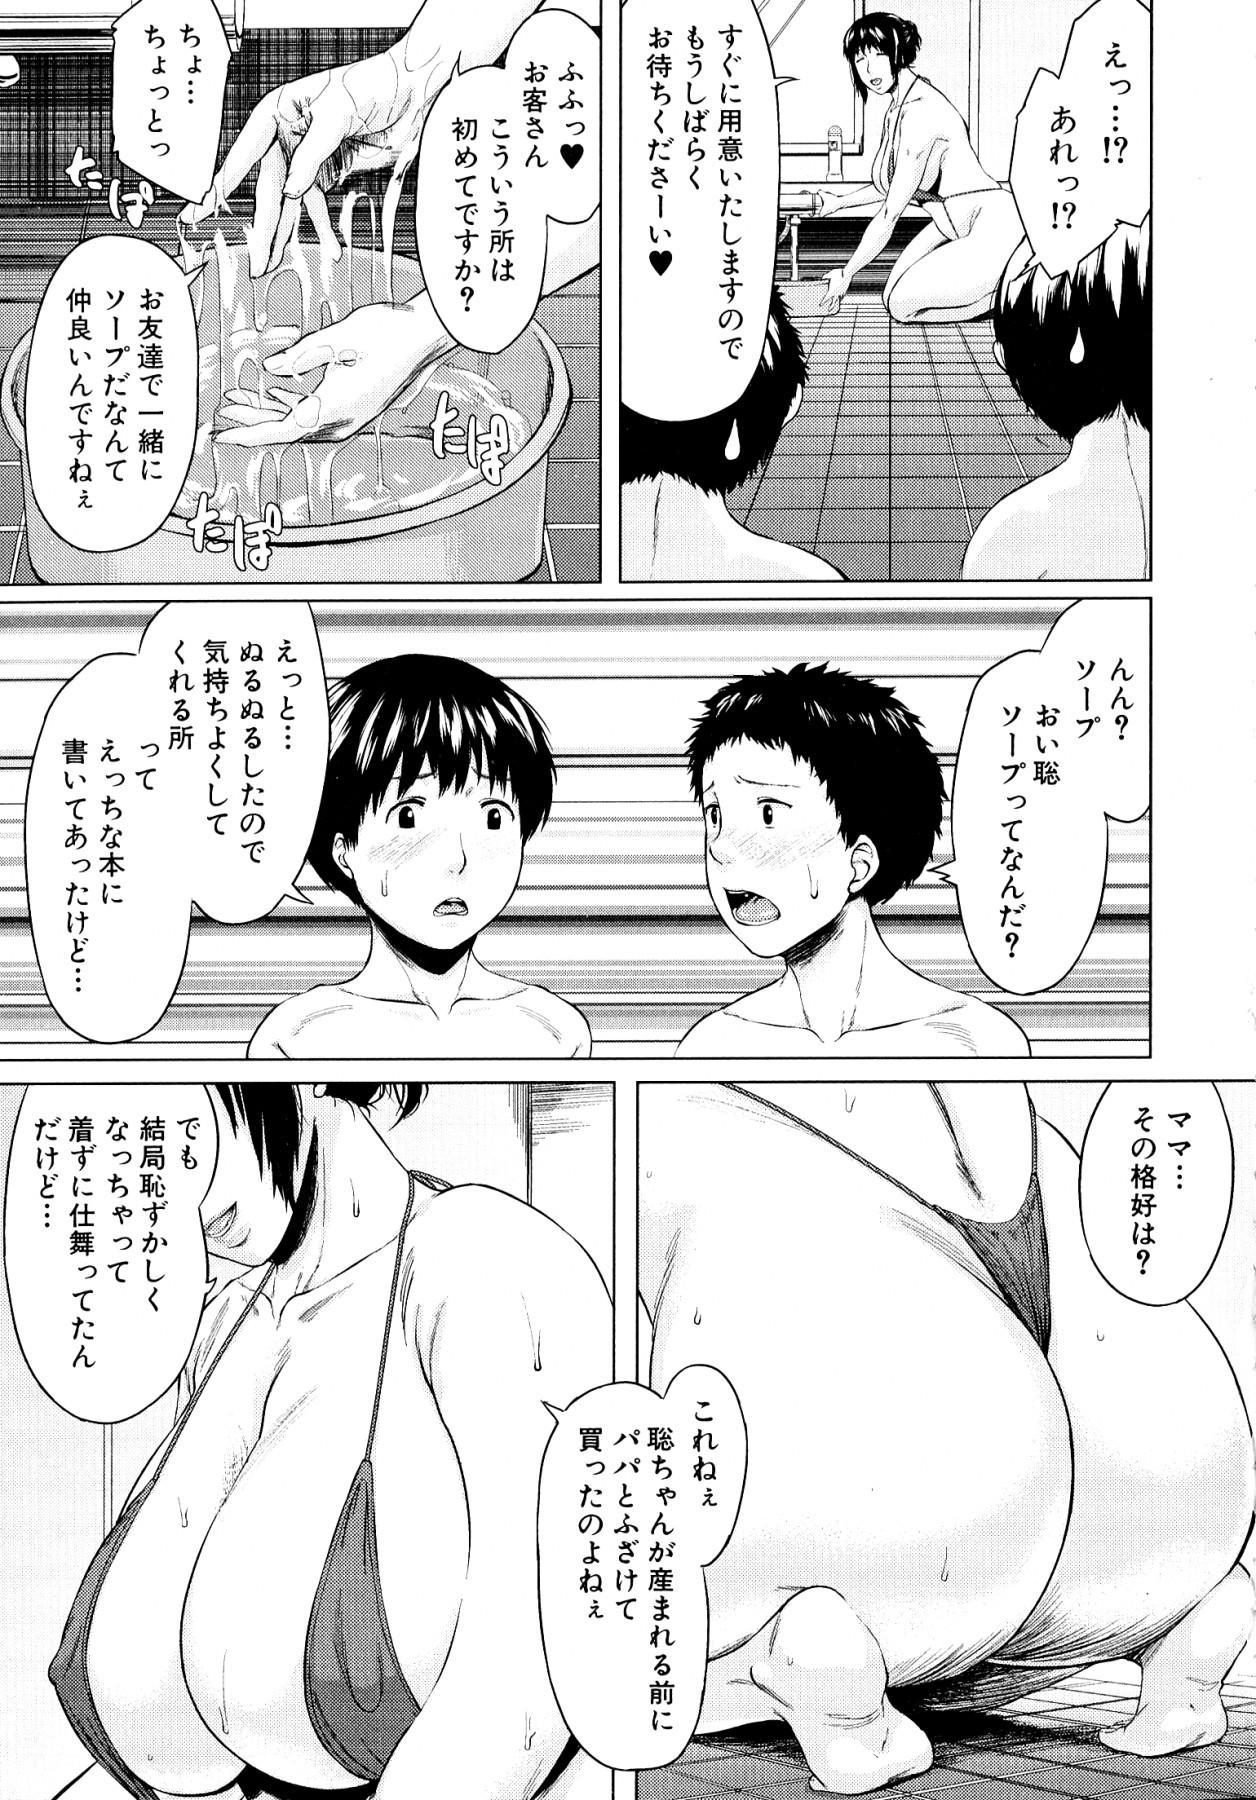 Koukan Musuko 78